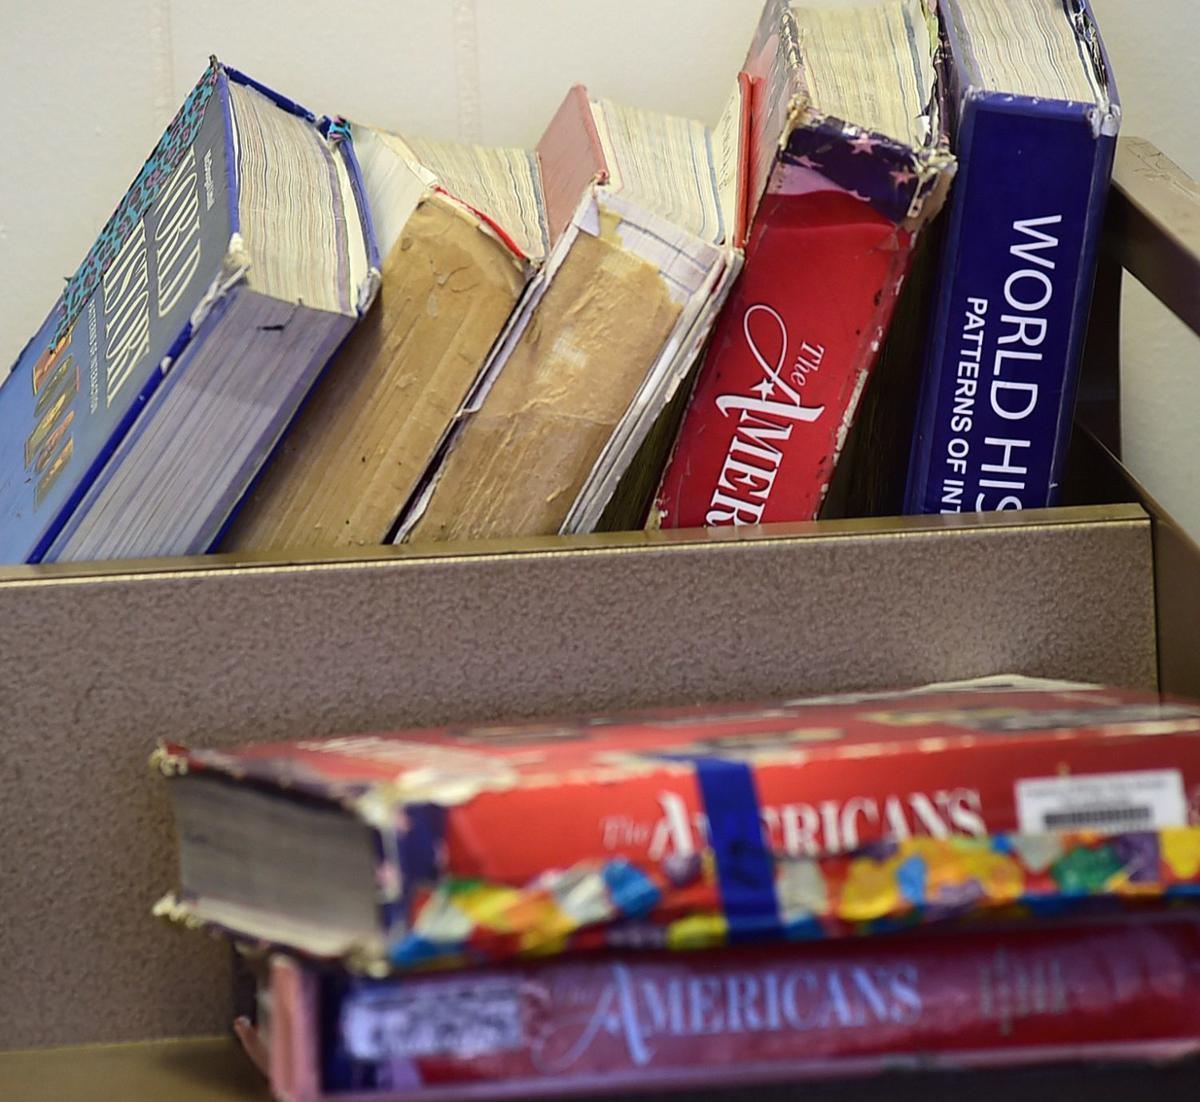 Tattered Billings textbooks